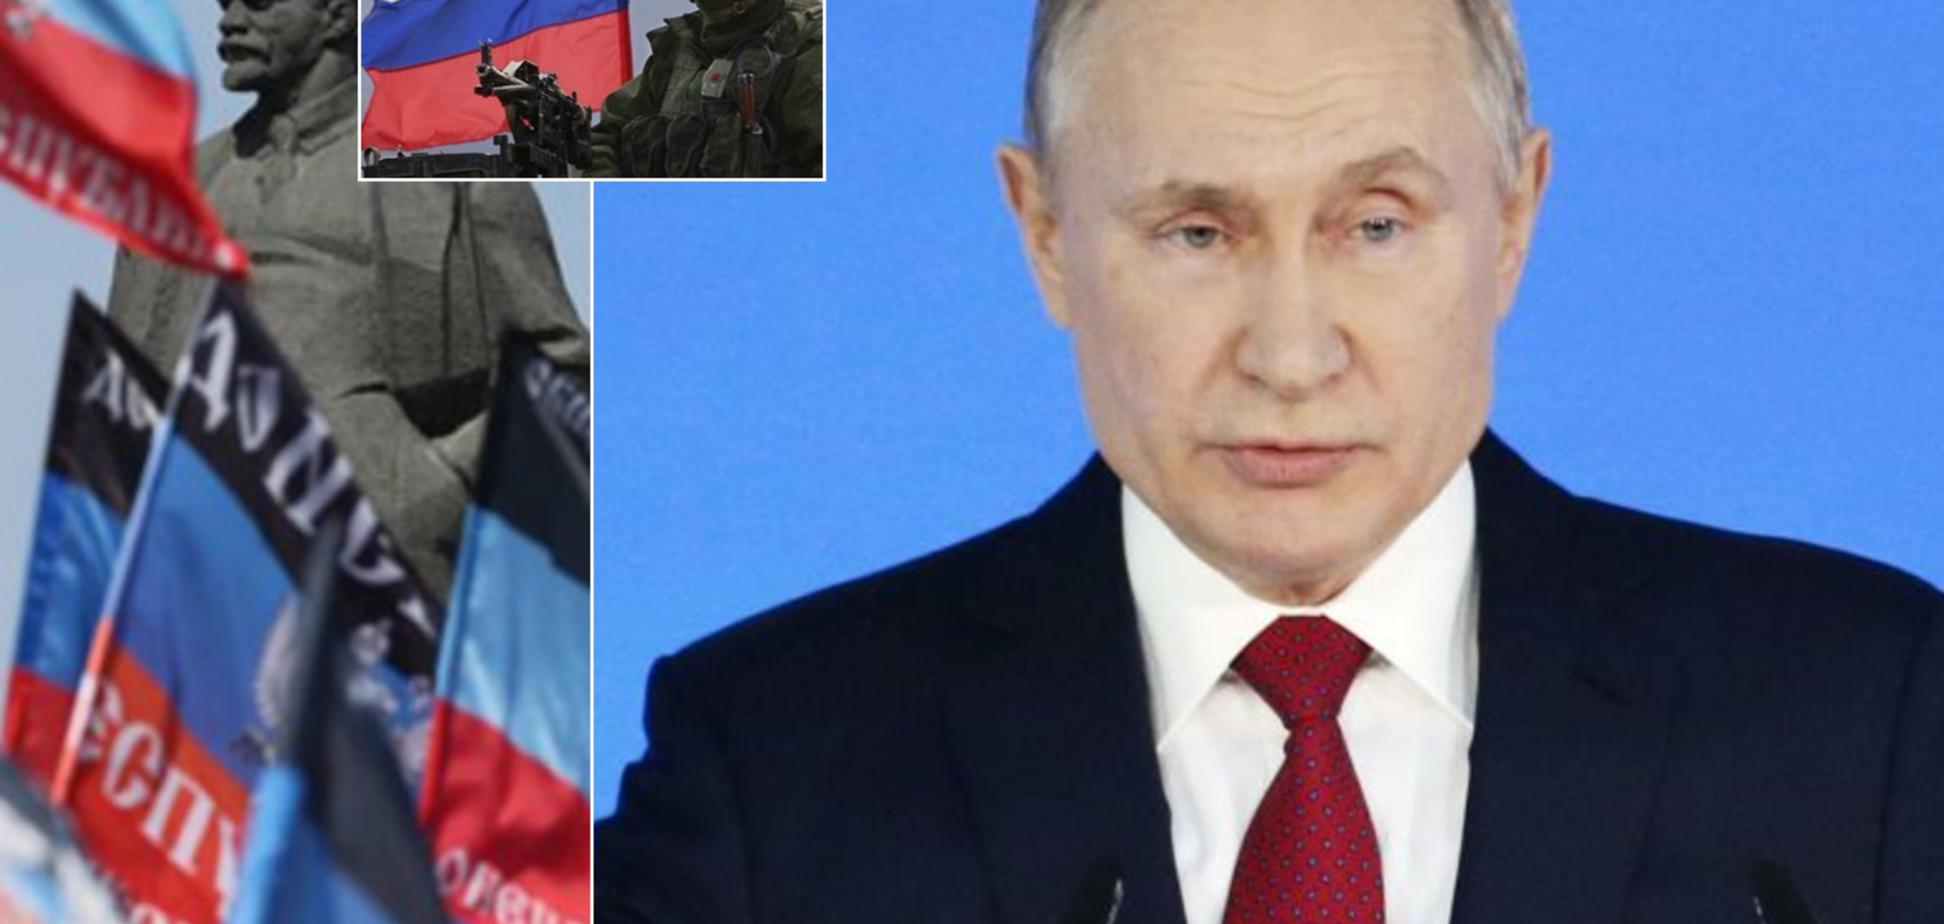 Кремль програв Україну. Путін відкусив на прощання Крим, але росіян це не радує. Інтерв'ю з Дмитром Орєшкіним